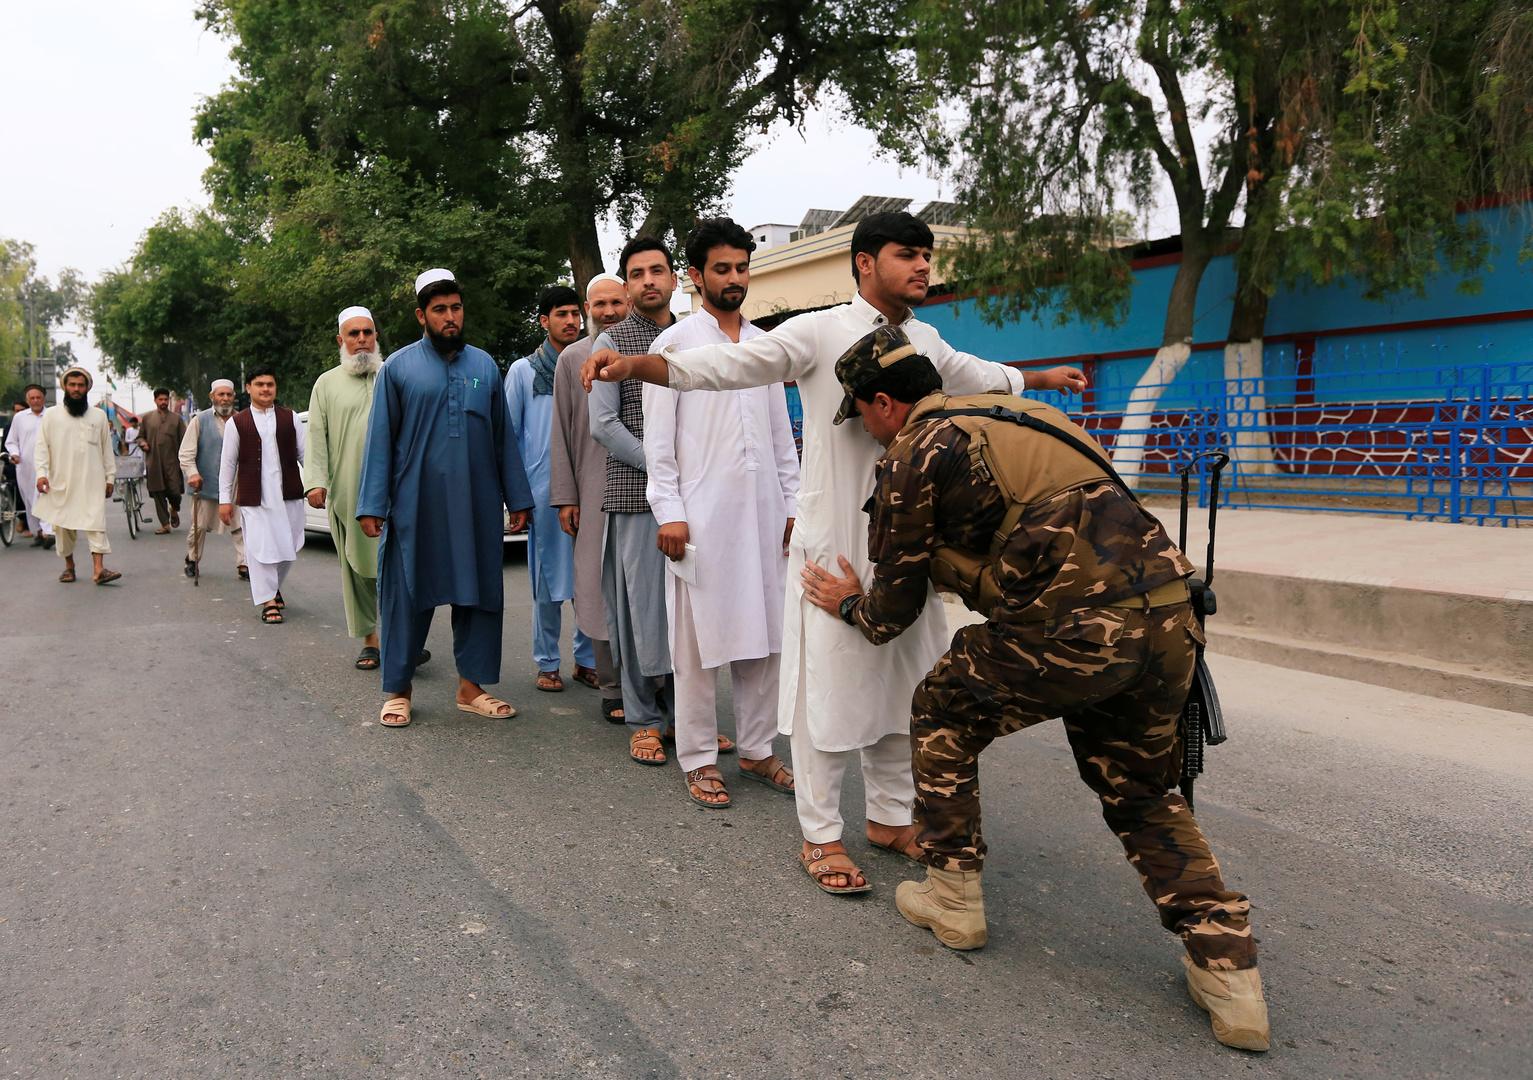 عنصر من الأمن الأفغاني يفتش الناخبين الراغبين في الإدلاء بأصواتهم في انتخابات الرئاسة 2019 في مدينة جلال آباد